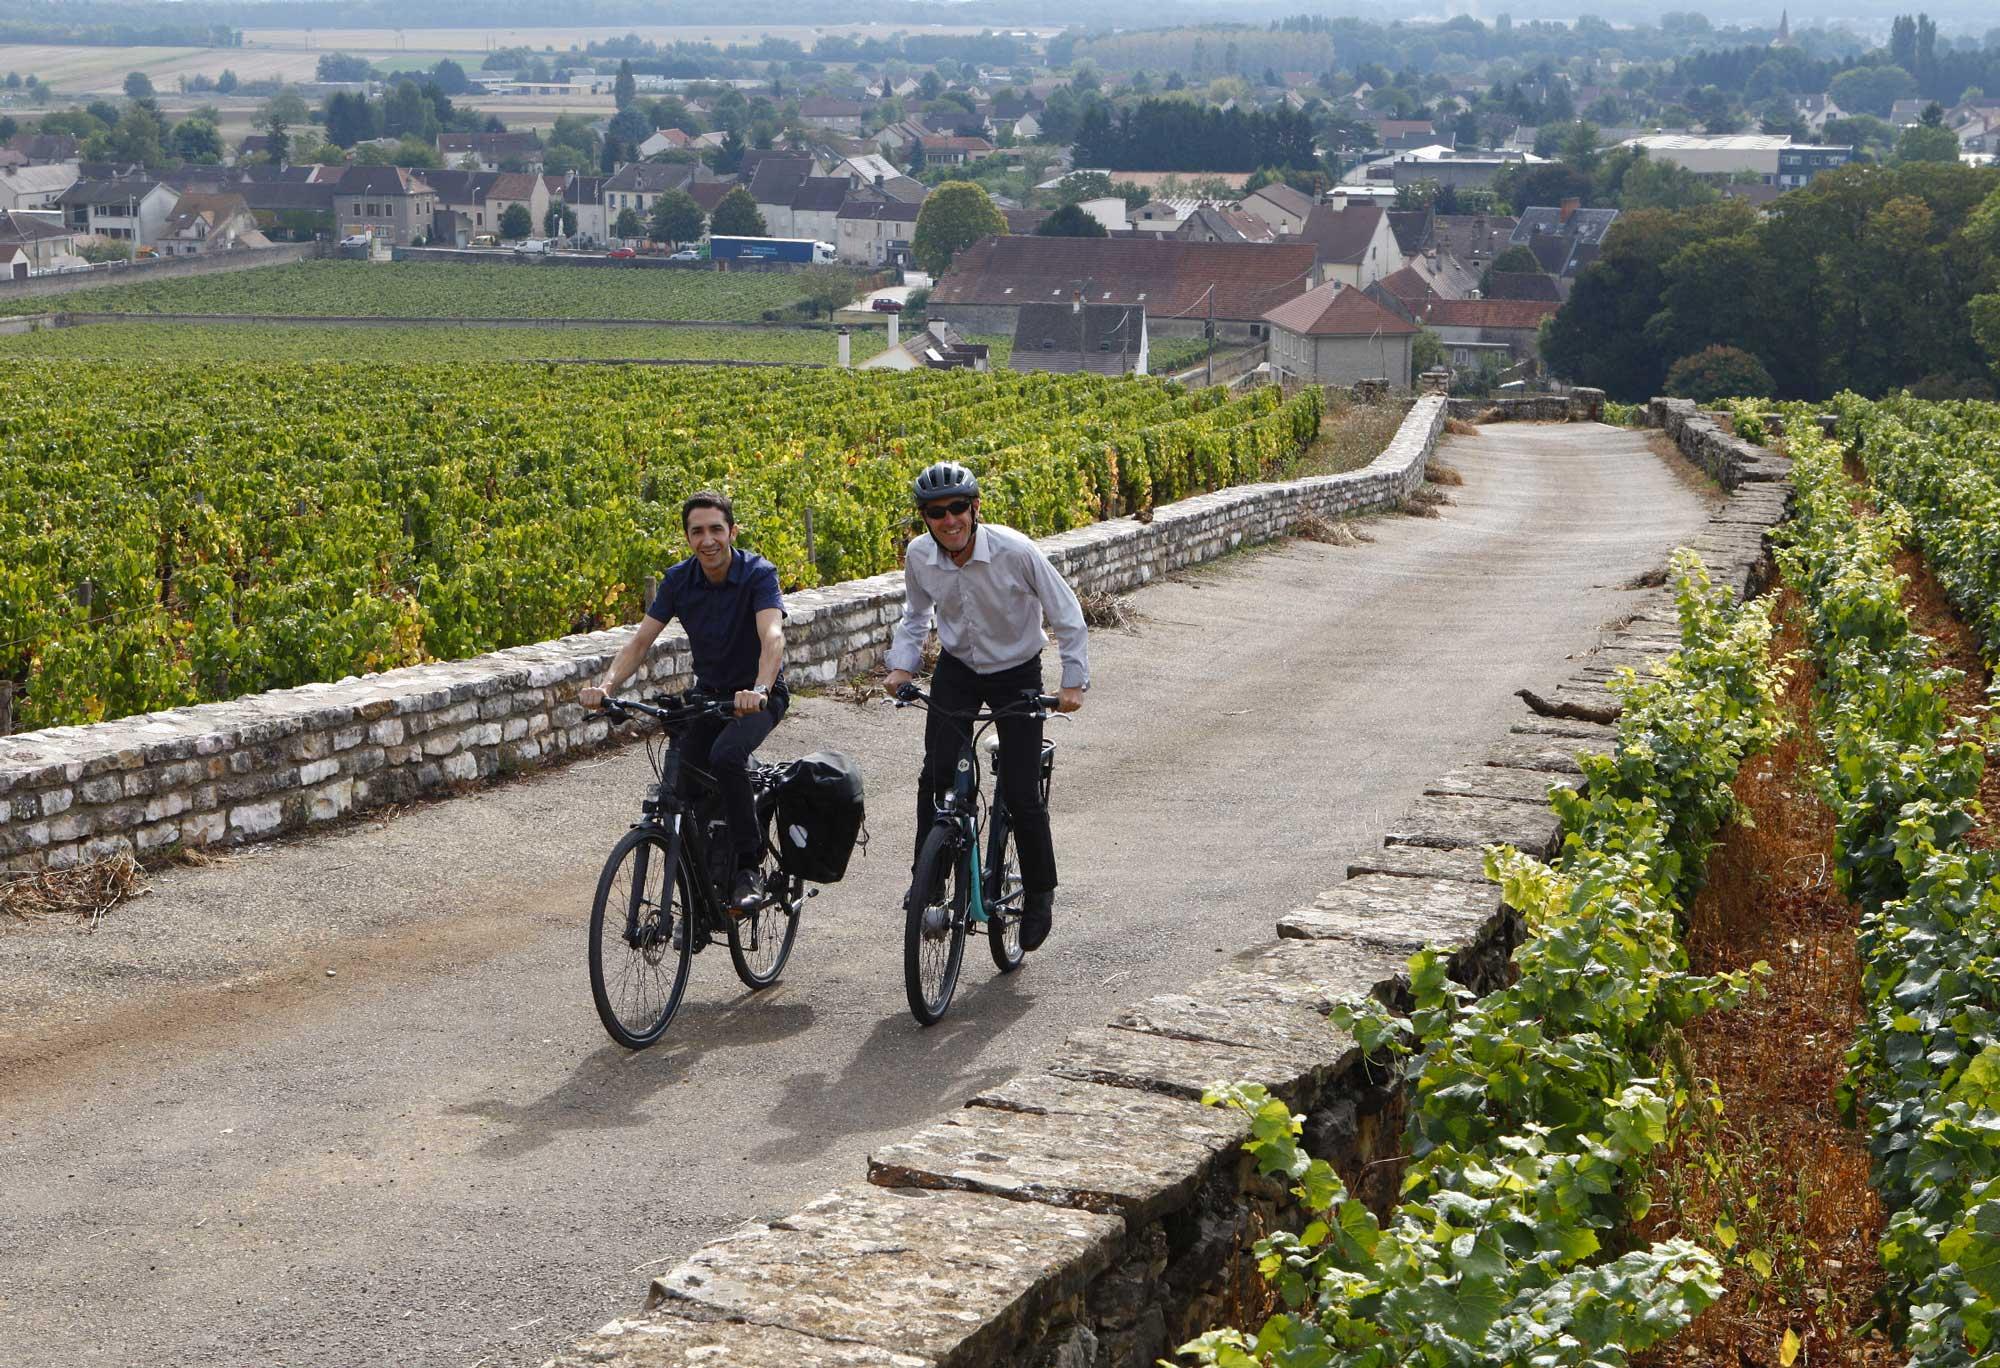 Le vélo dans la roue des Climats de Bourgogne